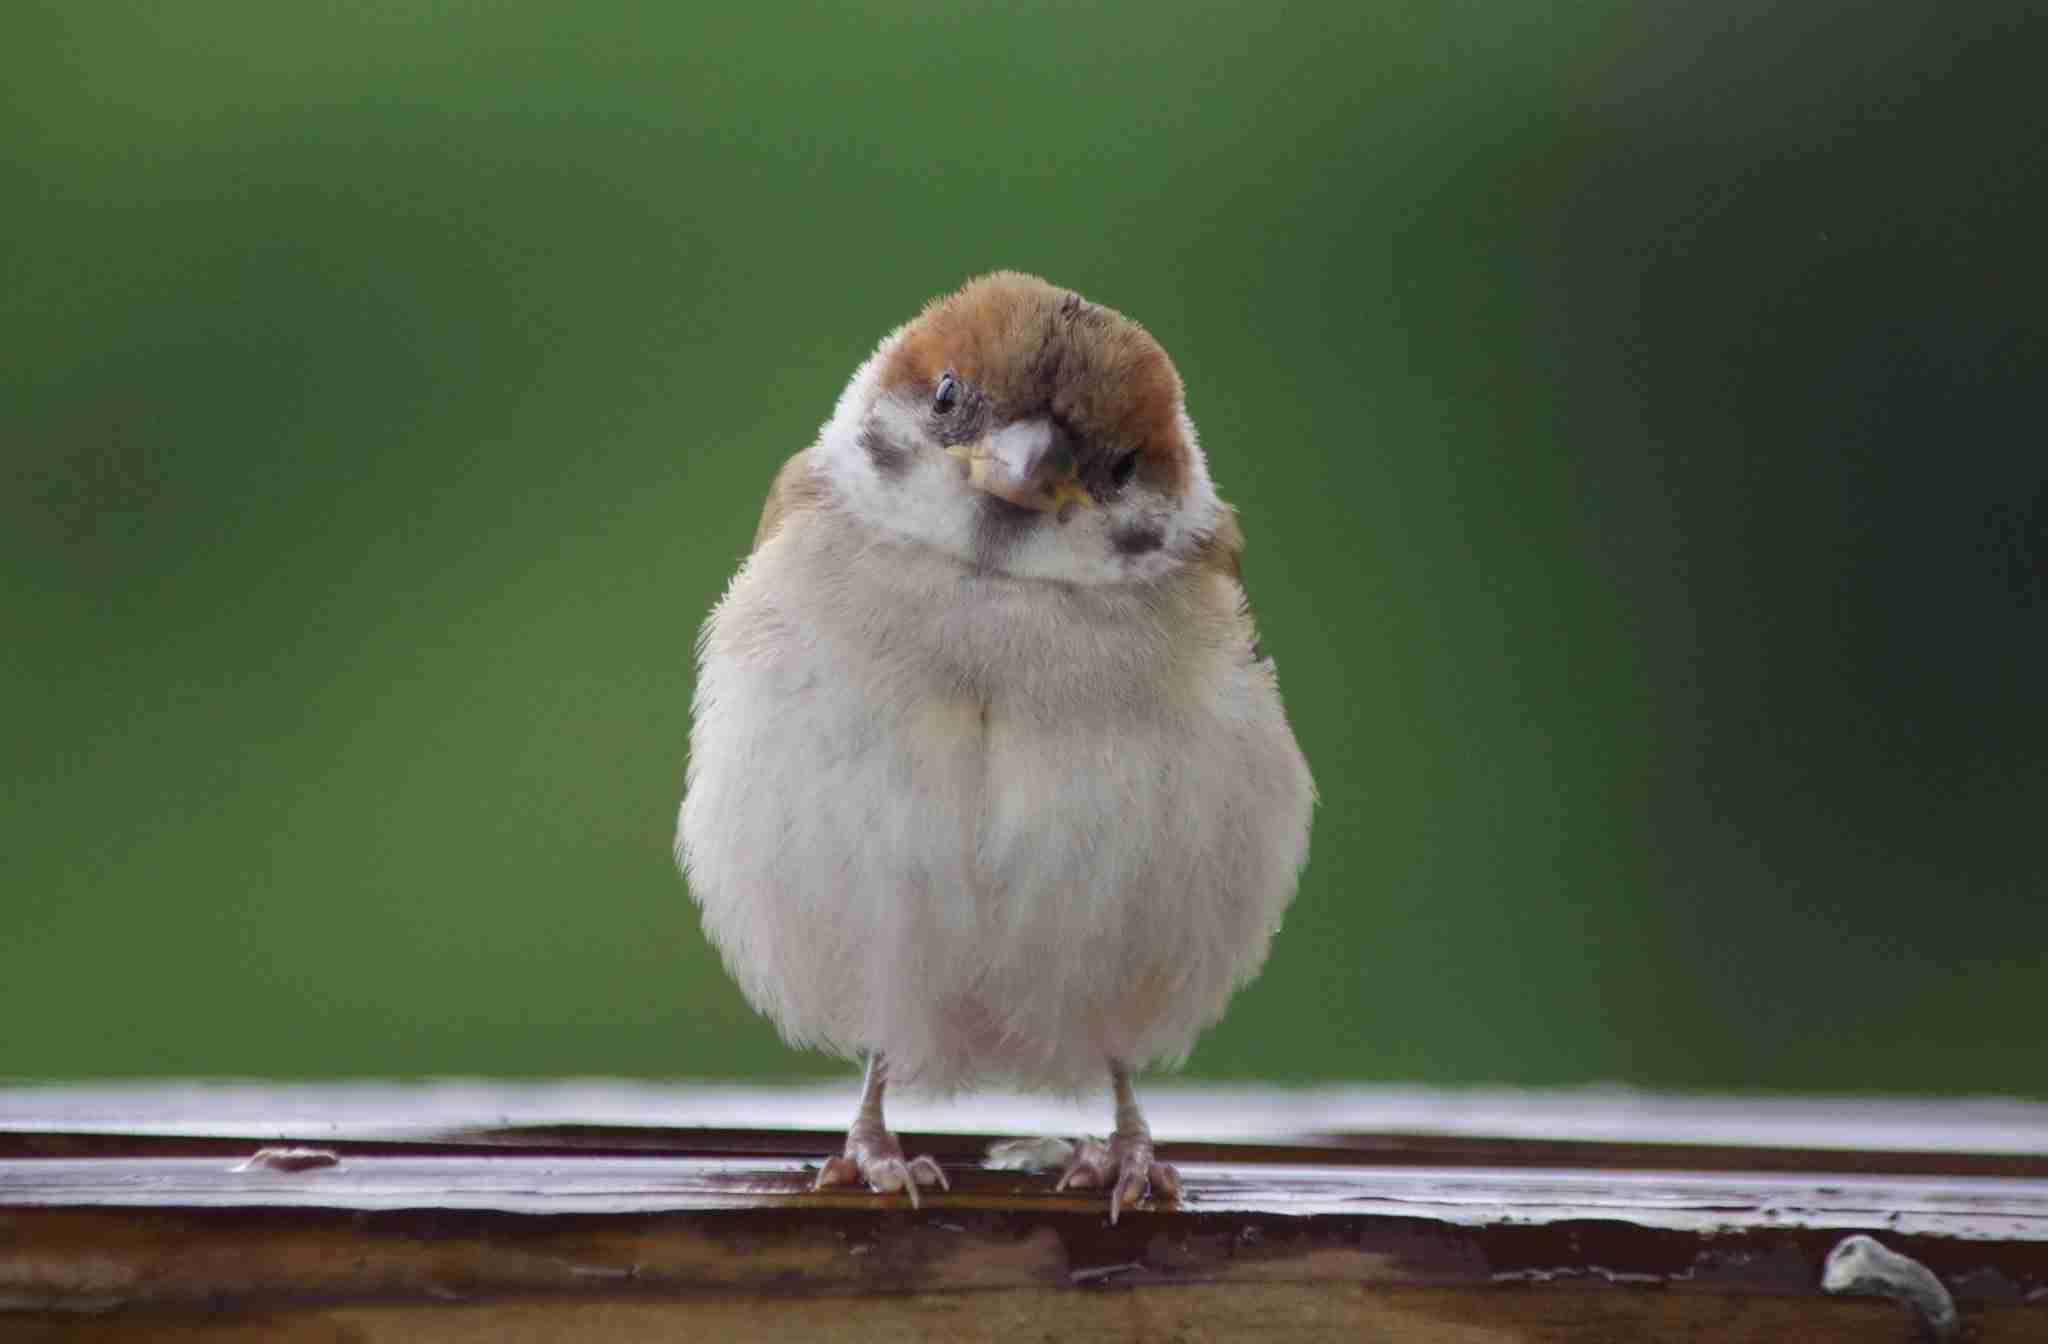 鳥の画像を貼るトピ